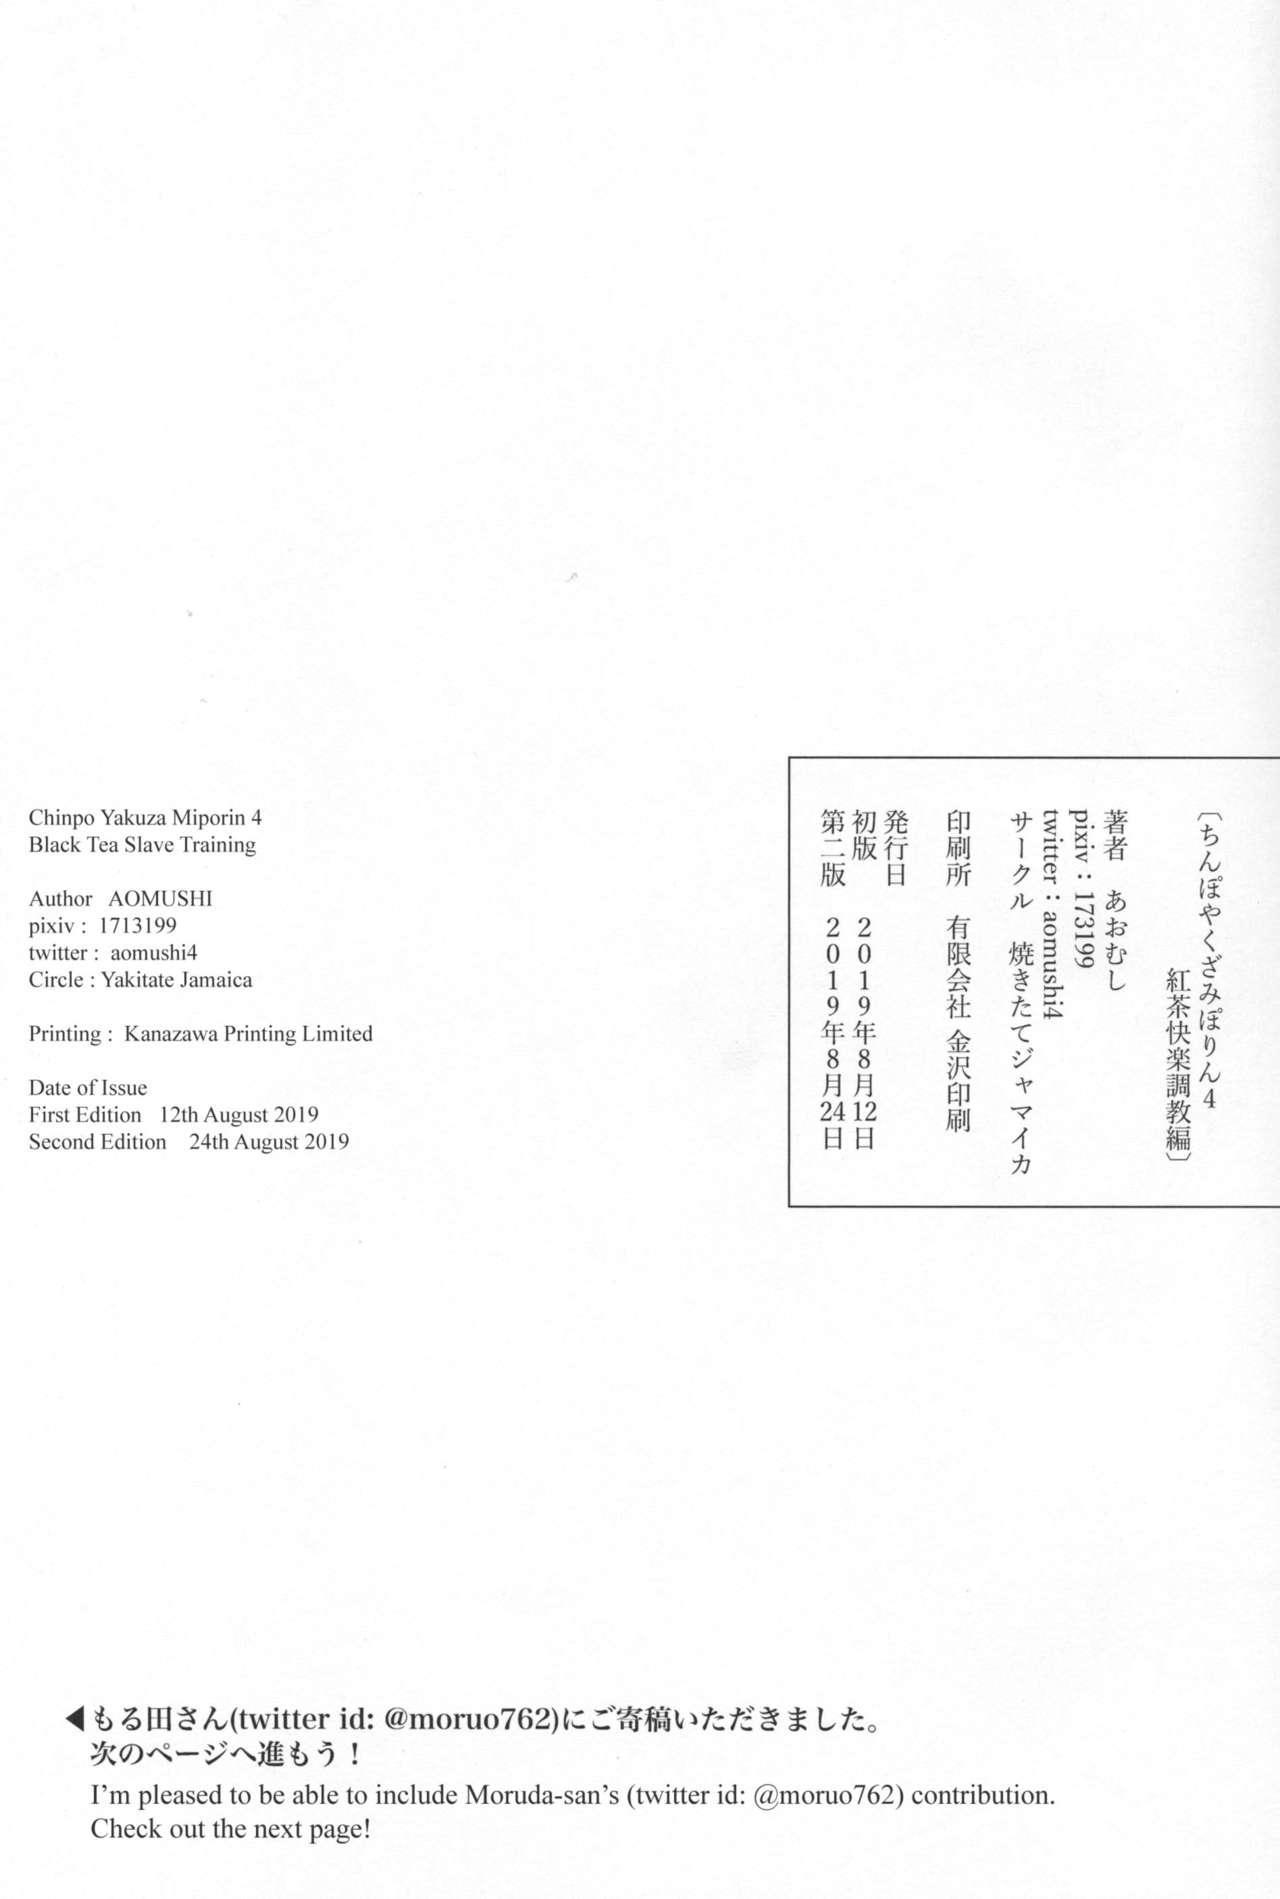 Chinpo Yakuza Miporin 4 Koucha Kairaku Choukyou Hen | Chinpo Yakuza Miporin 4 Black Tea Slave Training 23